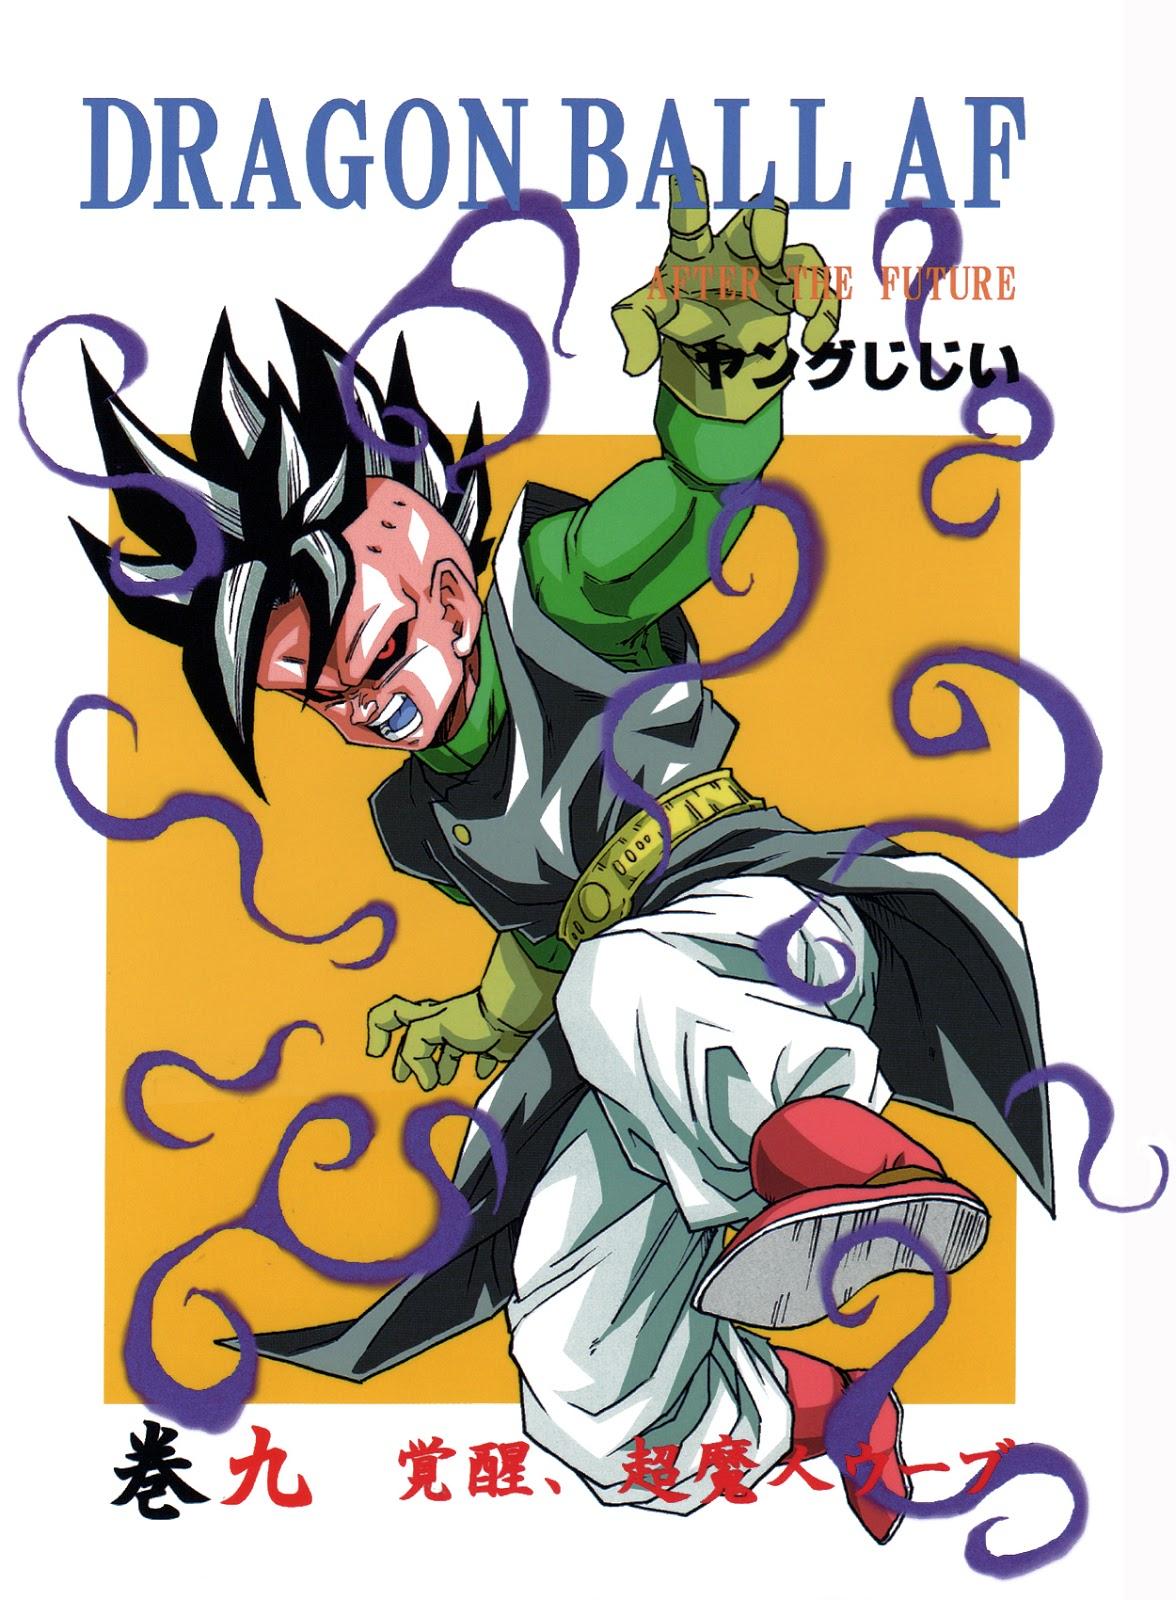 Meglio Dragon Ball Gt O Dragon Ball Super